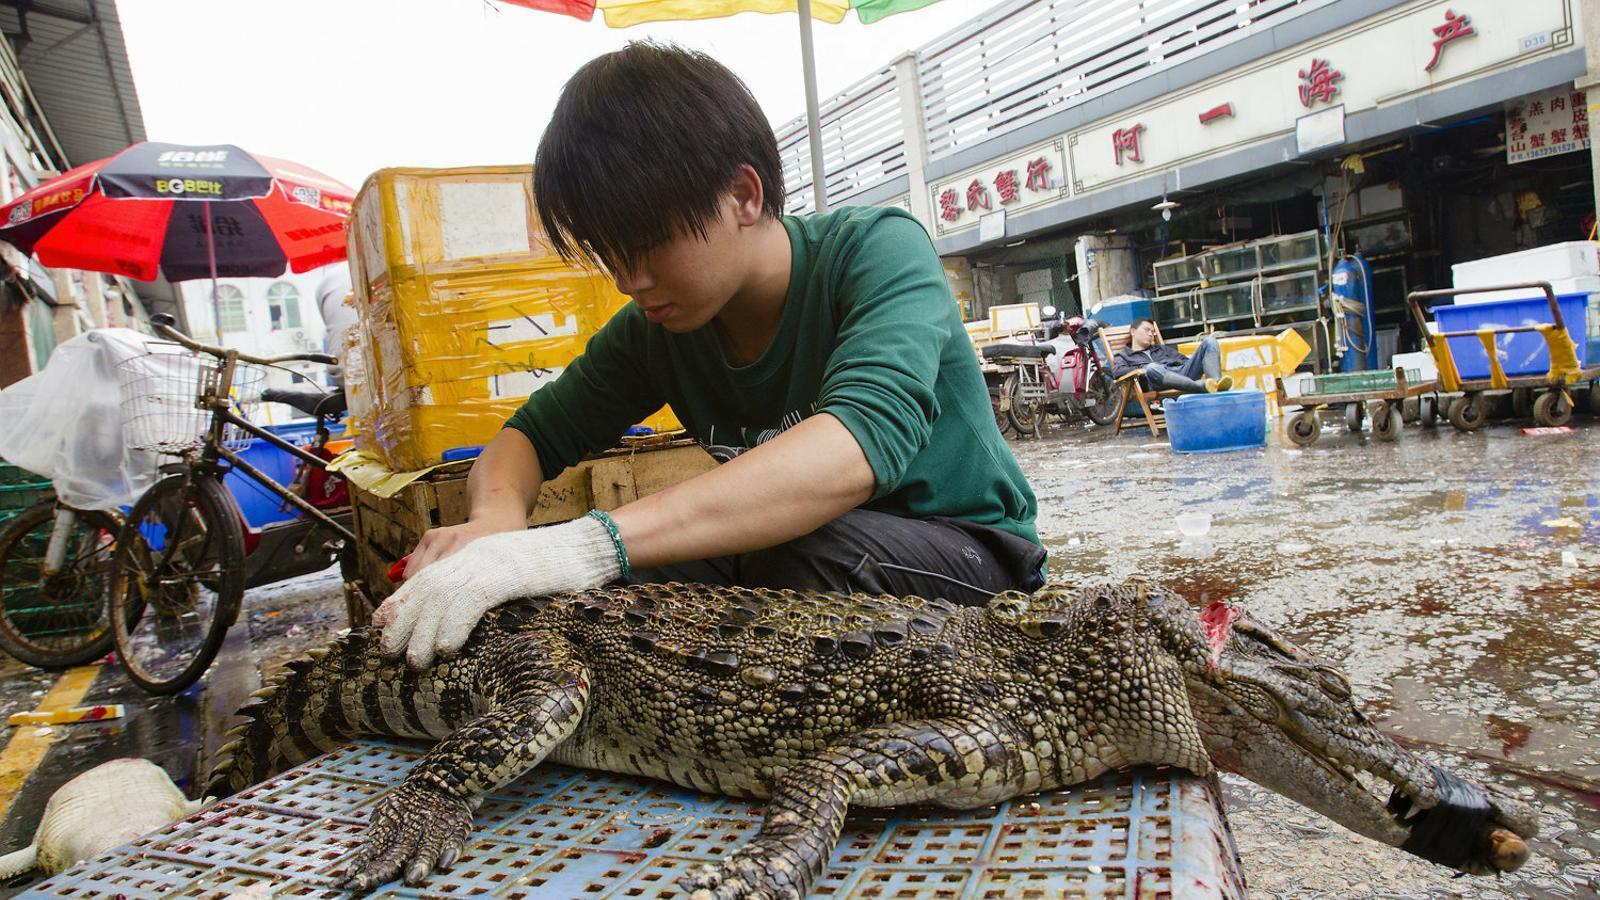 Mercats d'animals vius: focus de virus i de polèmica